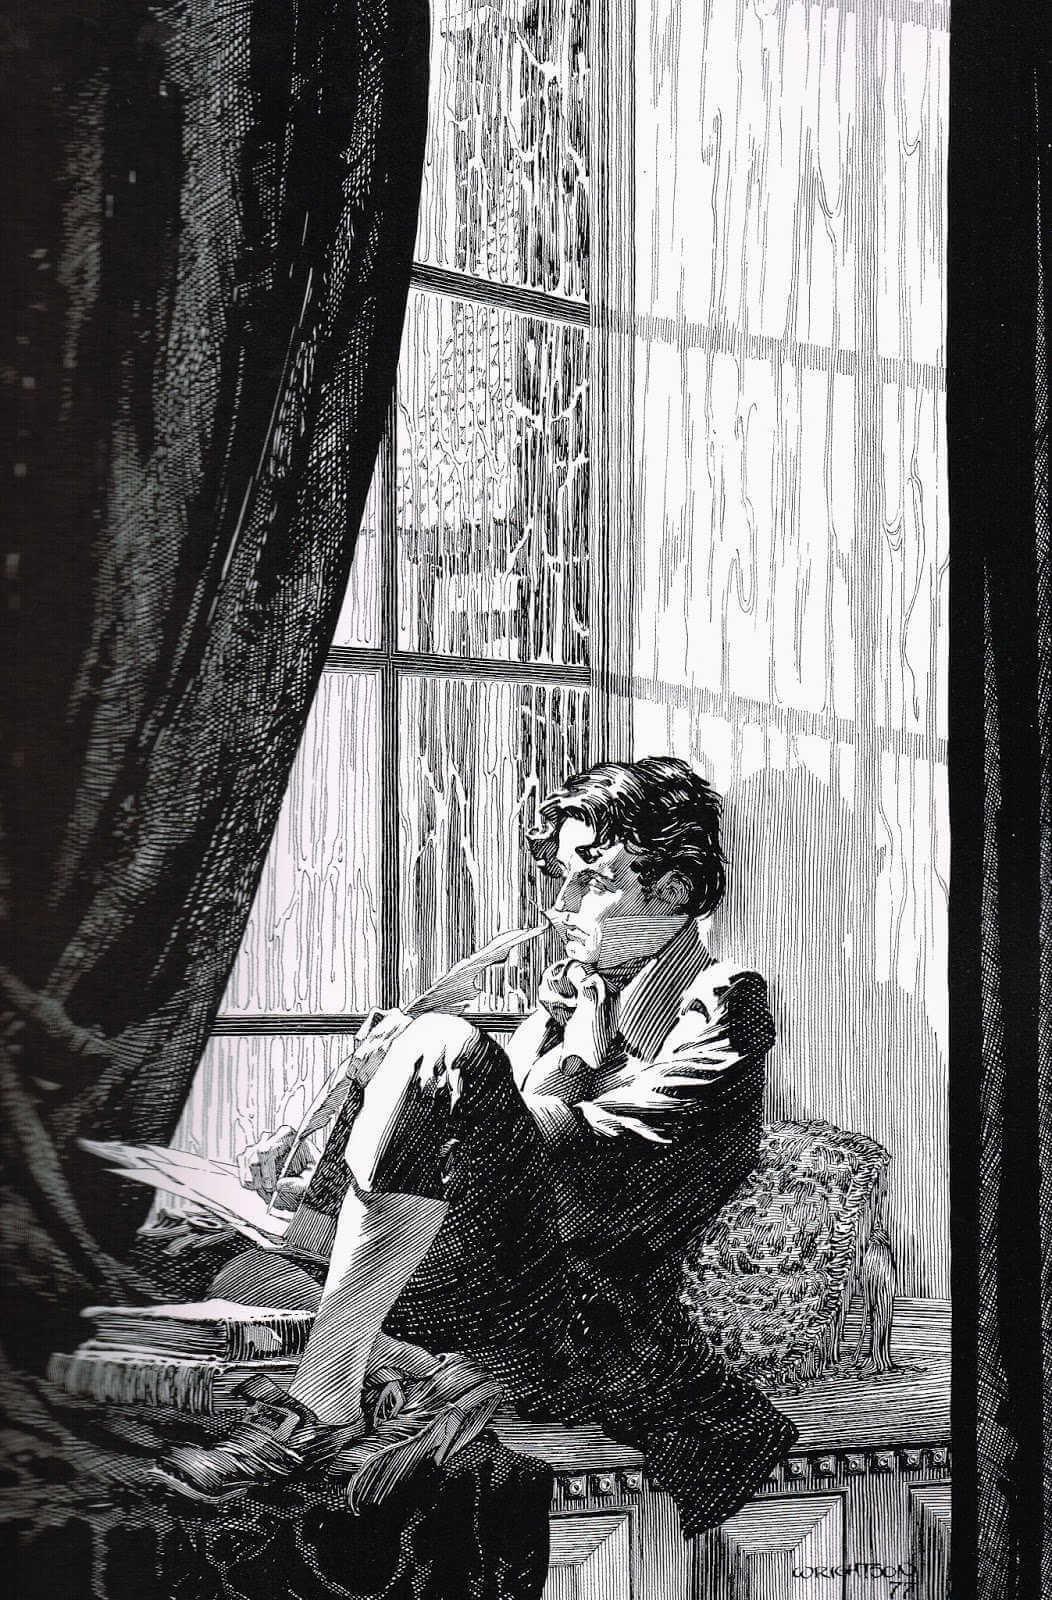 Dibujo realista en blanco y negro de Bernie Wrightson